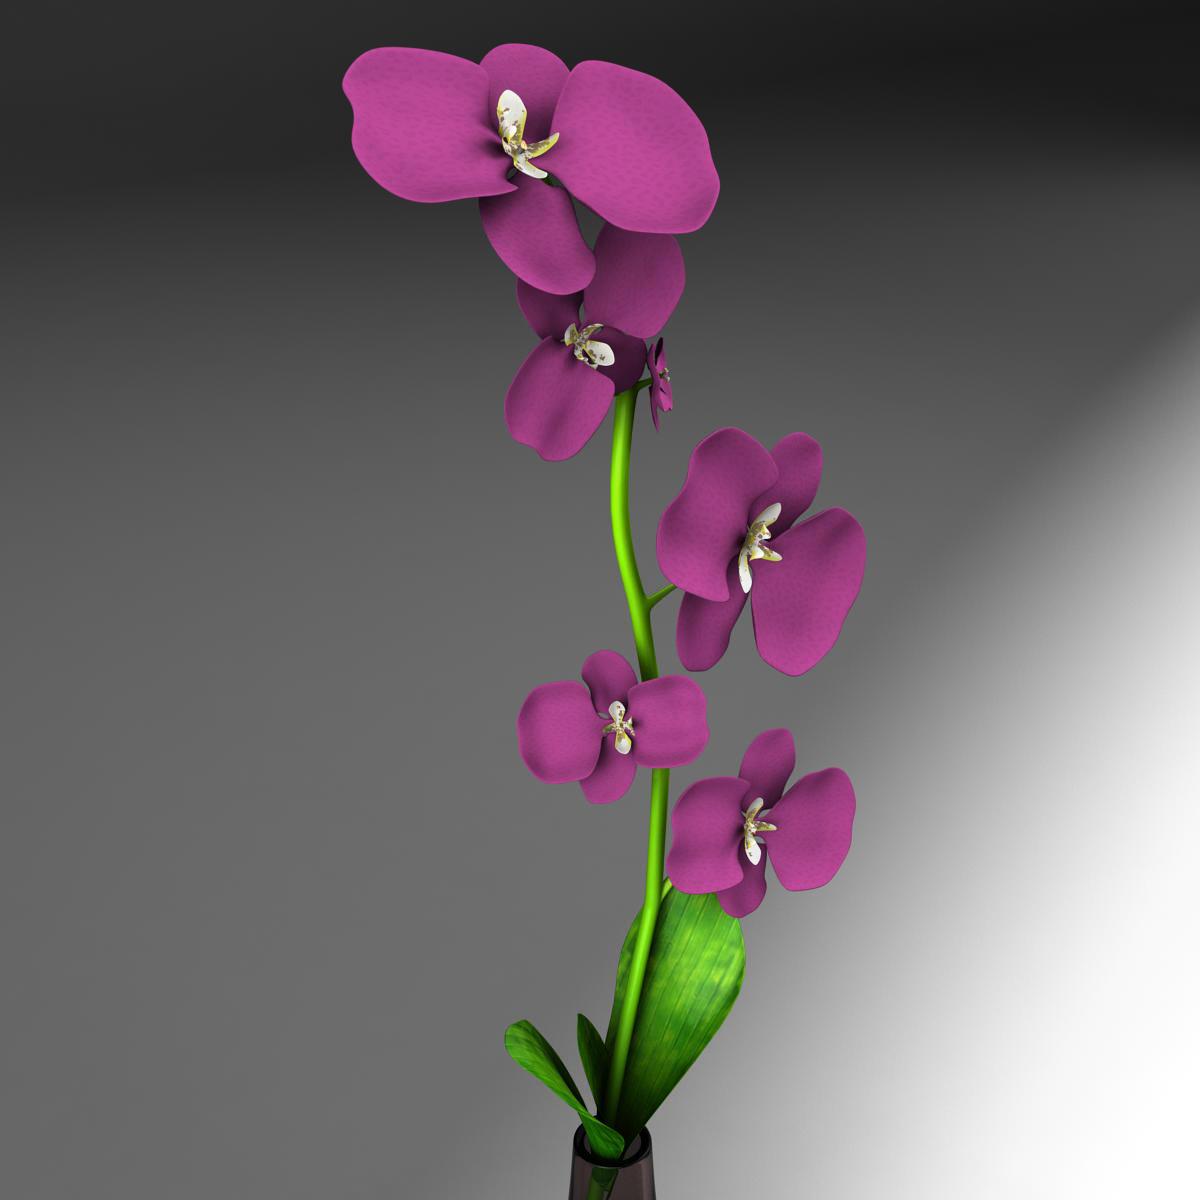 cvijetna baza 3d model 3ds max fbx ma mb obj 158096